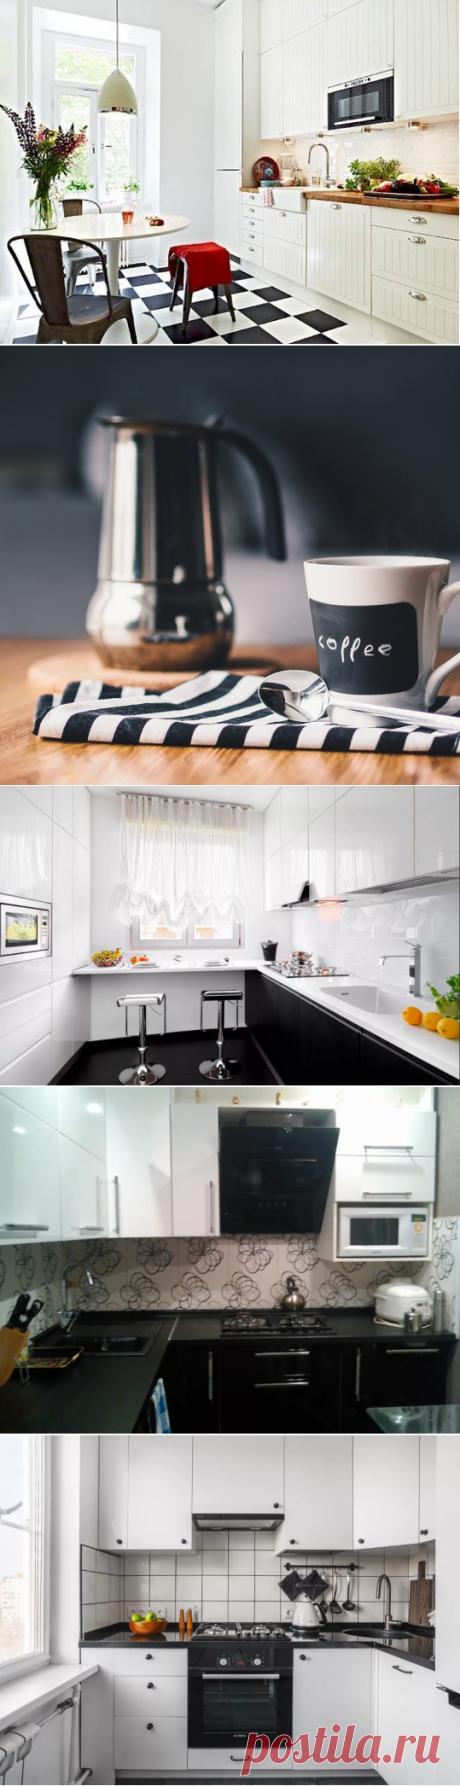 Кухни: дизайн черно-белых интерьеров